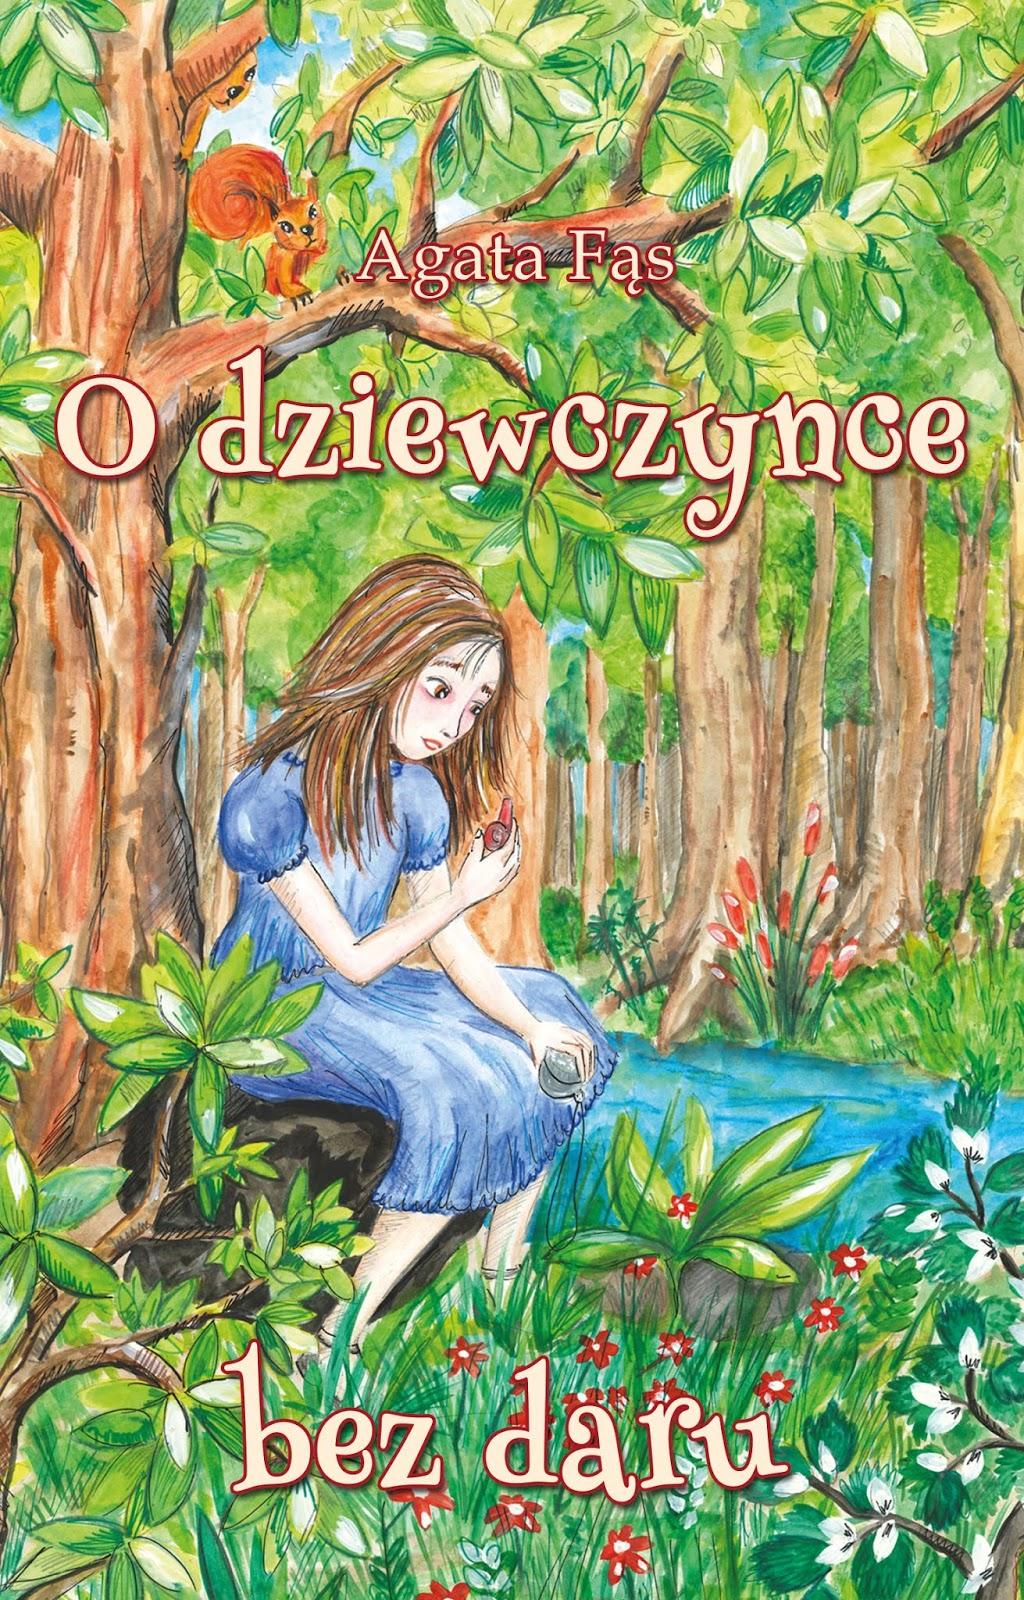 O dziewczynce bez daru - Agata Fąs książka okładka przód